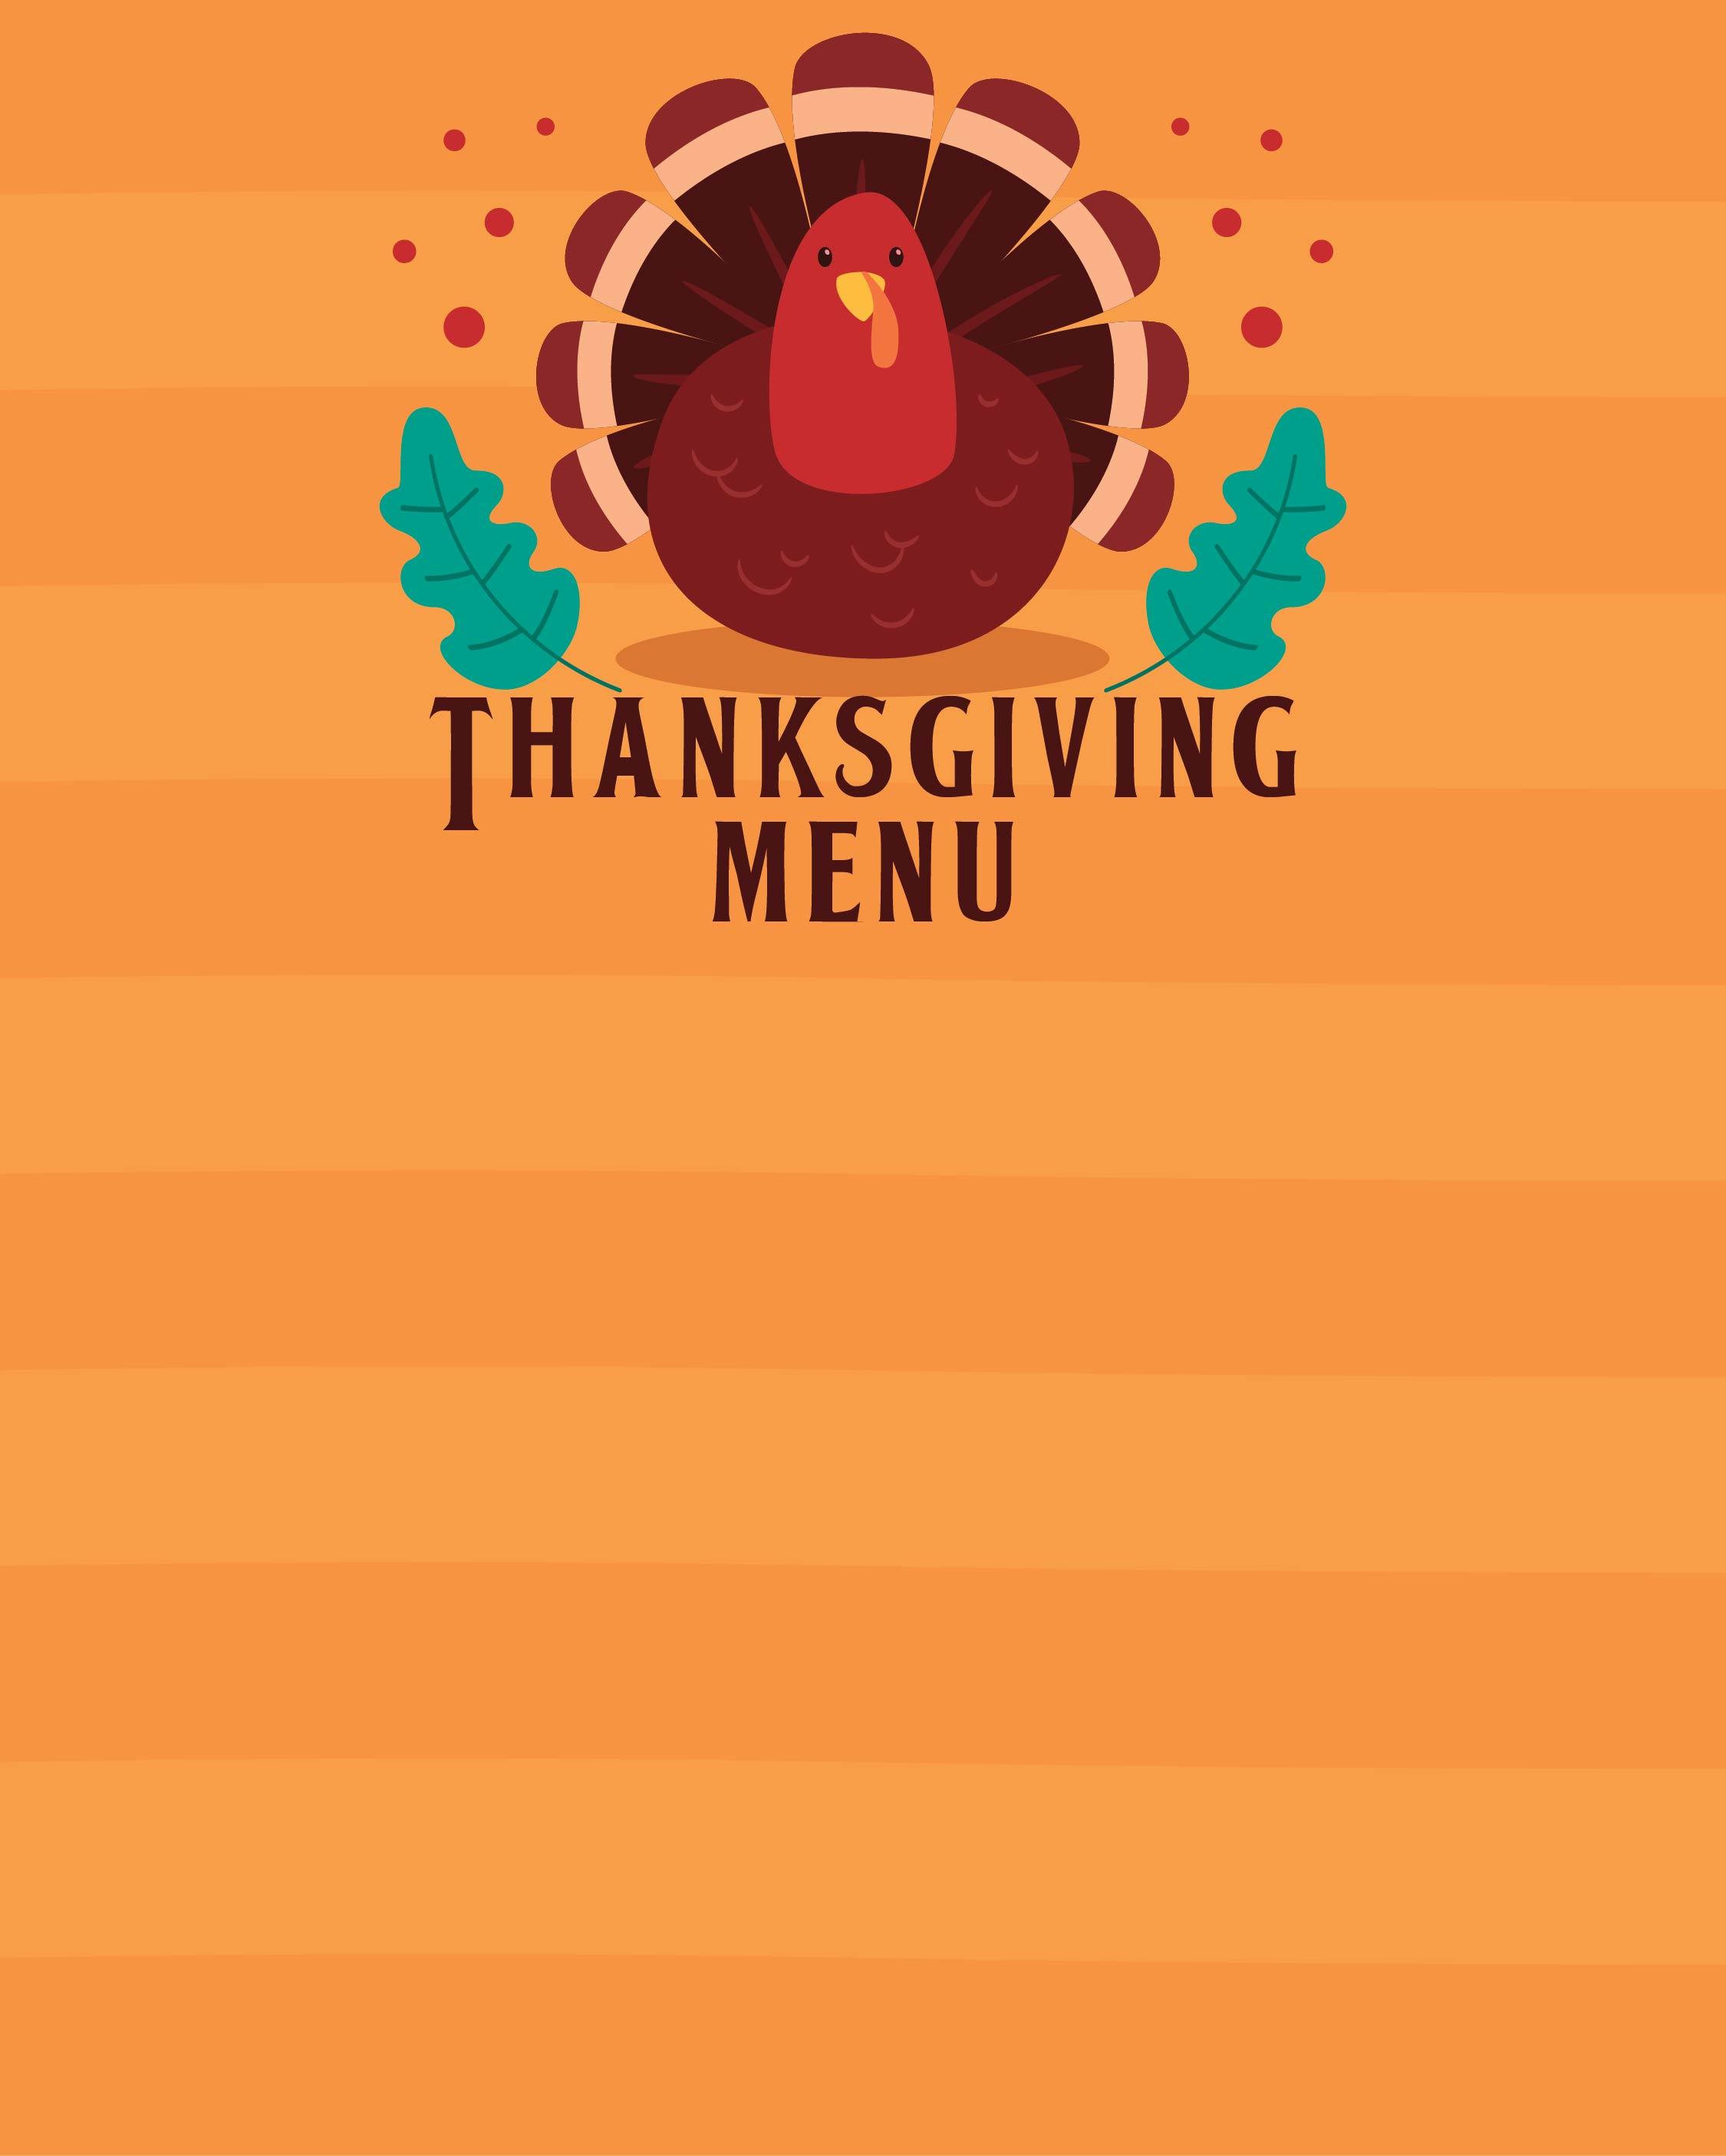 Thanksgiving Menu Templates Free